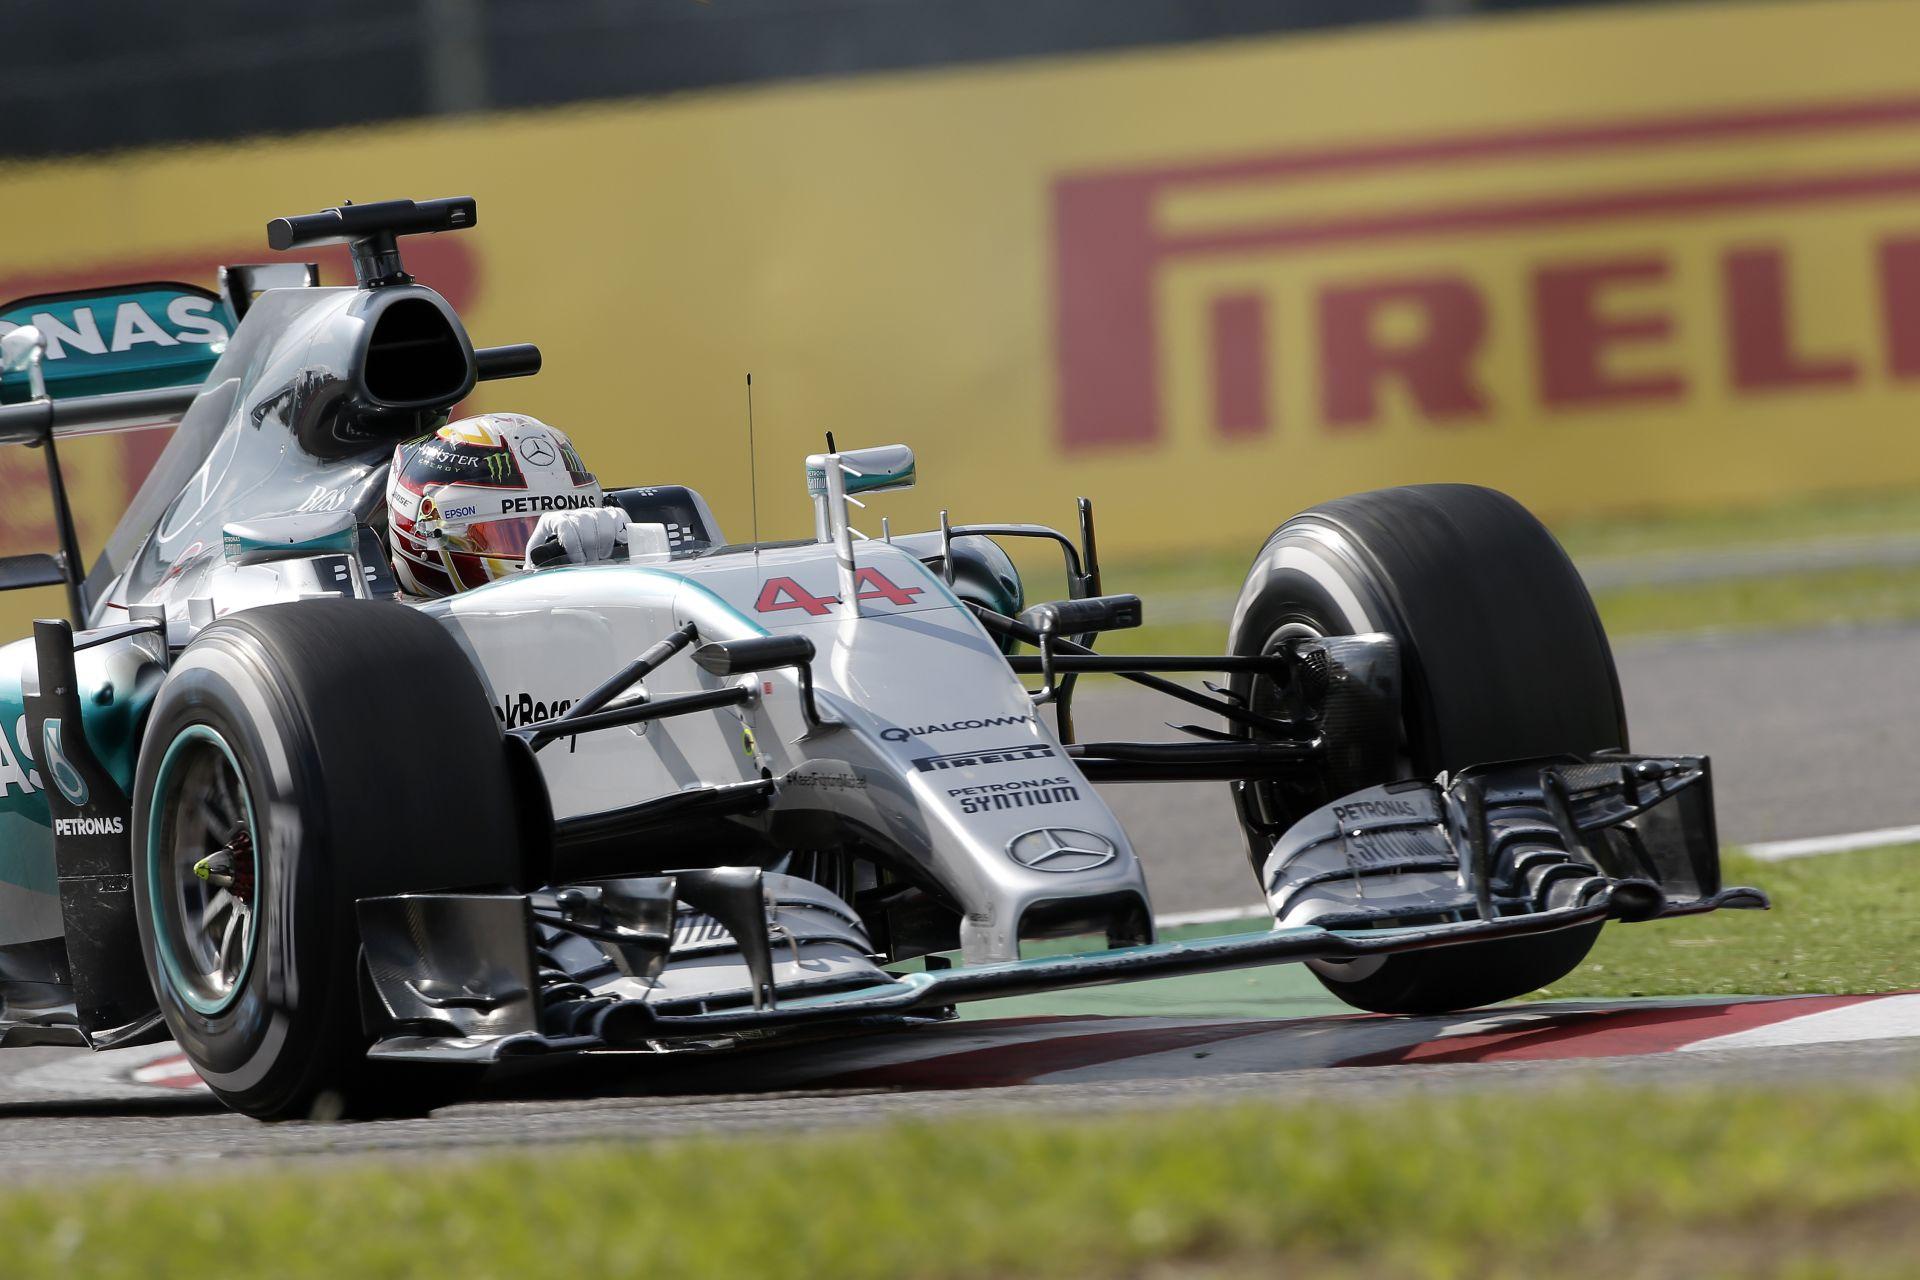 Kiderült, Rosberg miért startolt ilyen gyengén Japánban, miközben Hamilton majdnem kiesett Suzukában